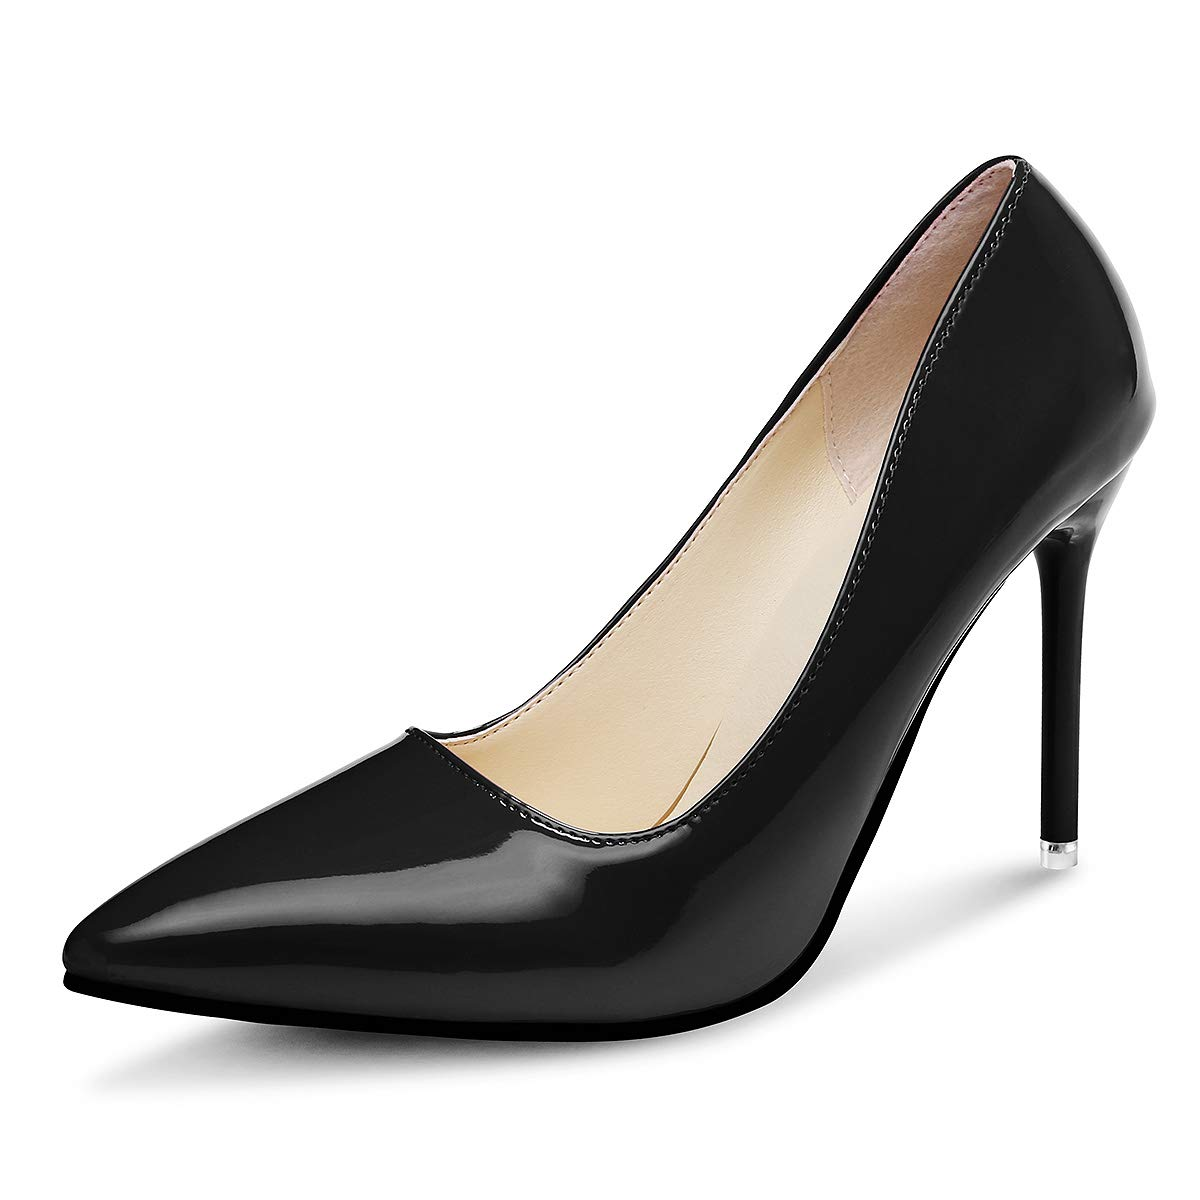 TALLA 37 EU. Kivors Zapatos De Tacón para Mujer, Tacones de Mujer de Moda de Mujer Colores Mezclados Salvajes Zapatos De Tacon Alto Elegante Fiesta Y Boda Noche para Mujer